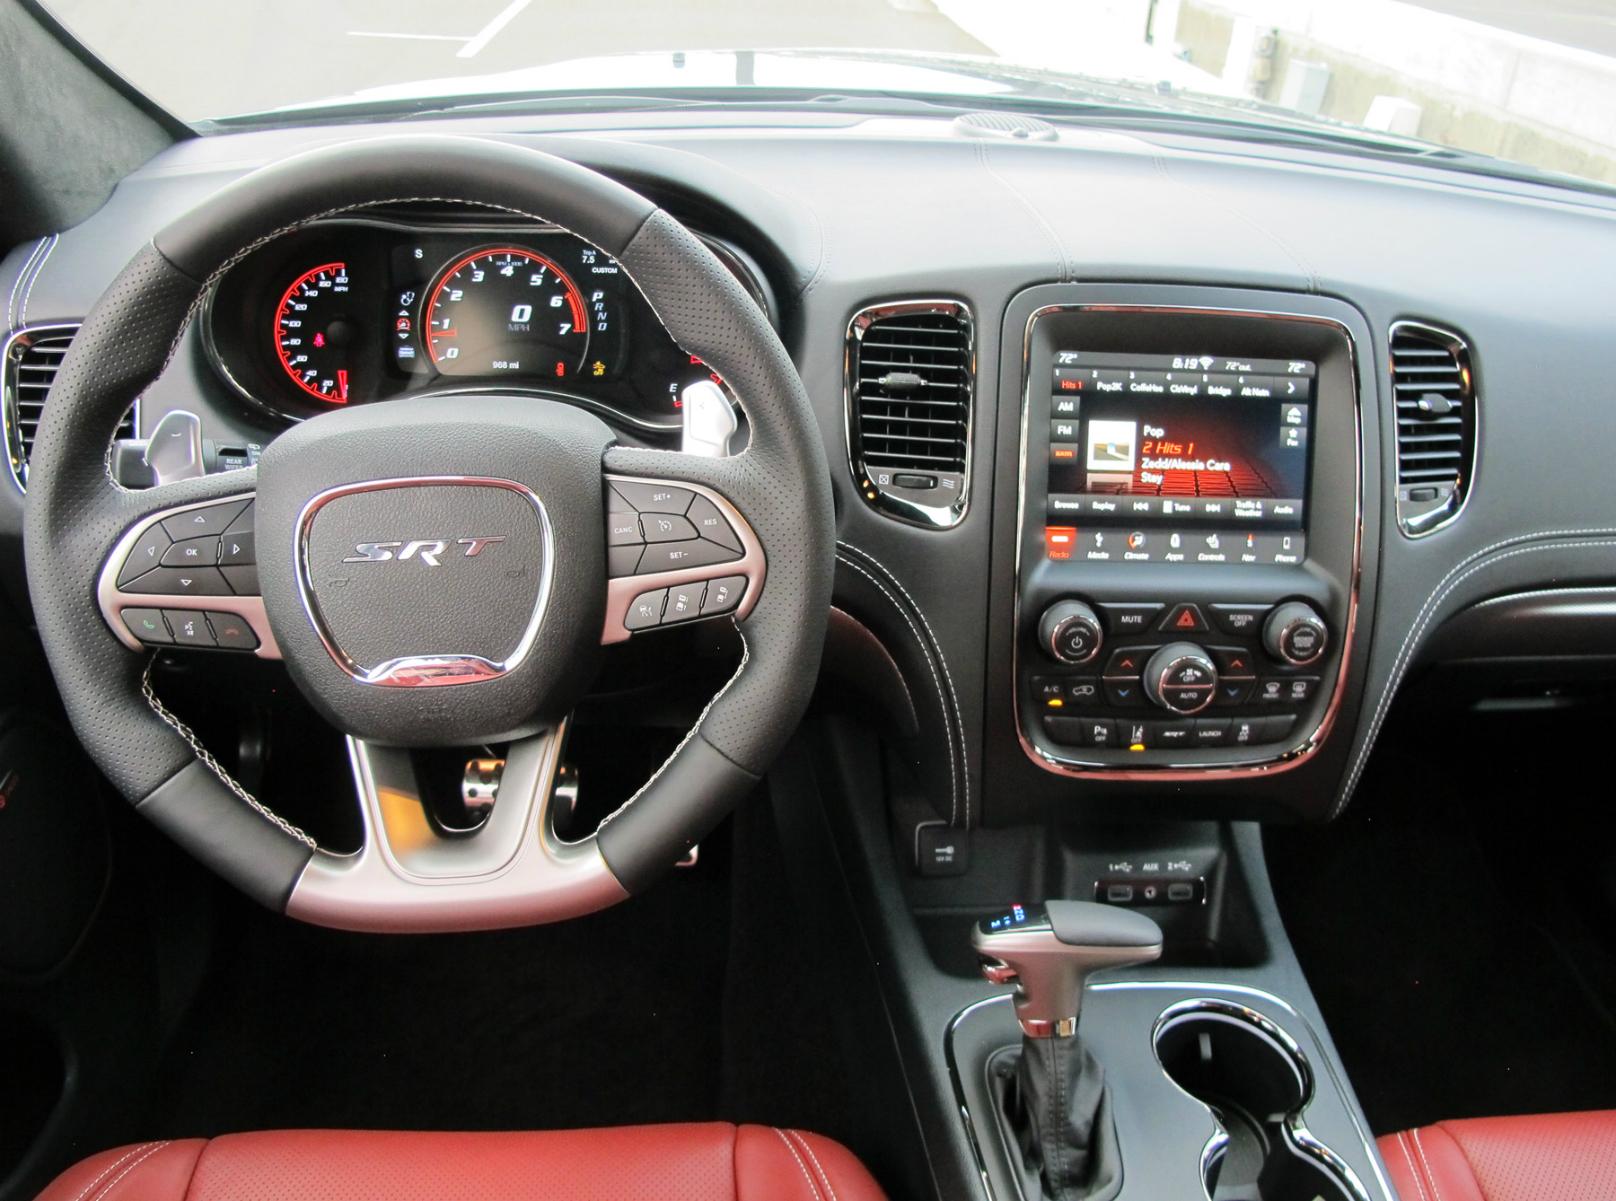 2018 Dodge Durango SRT AWDReview